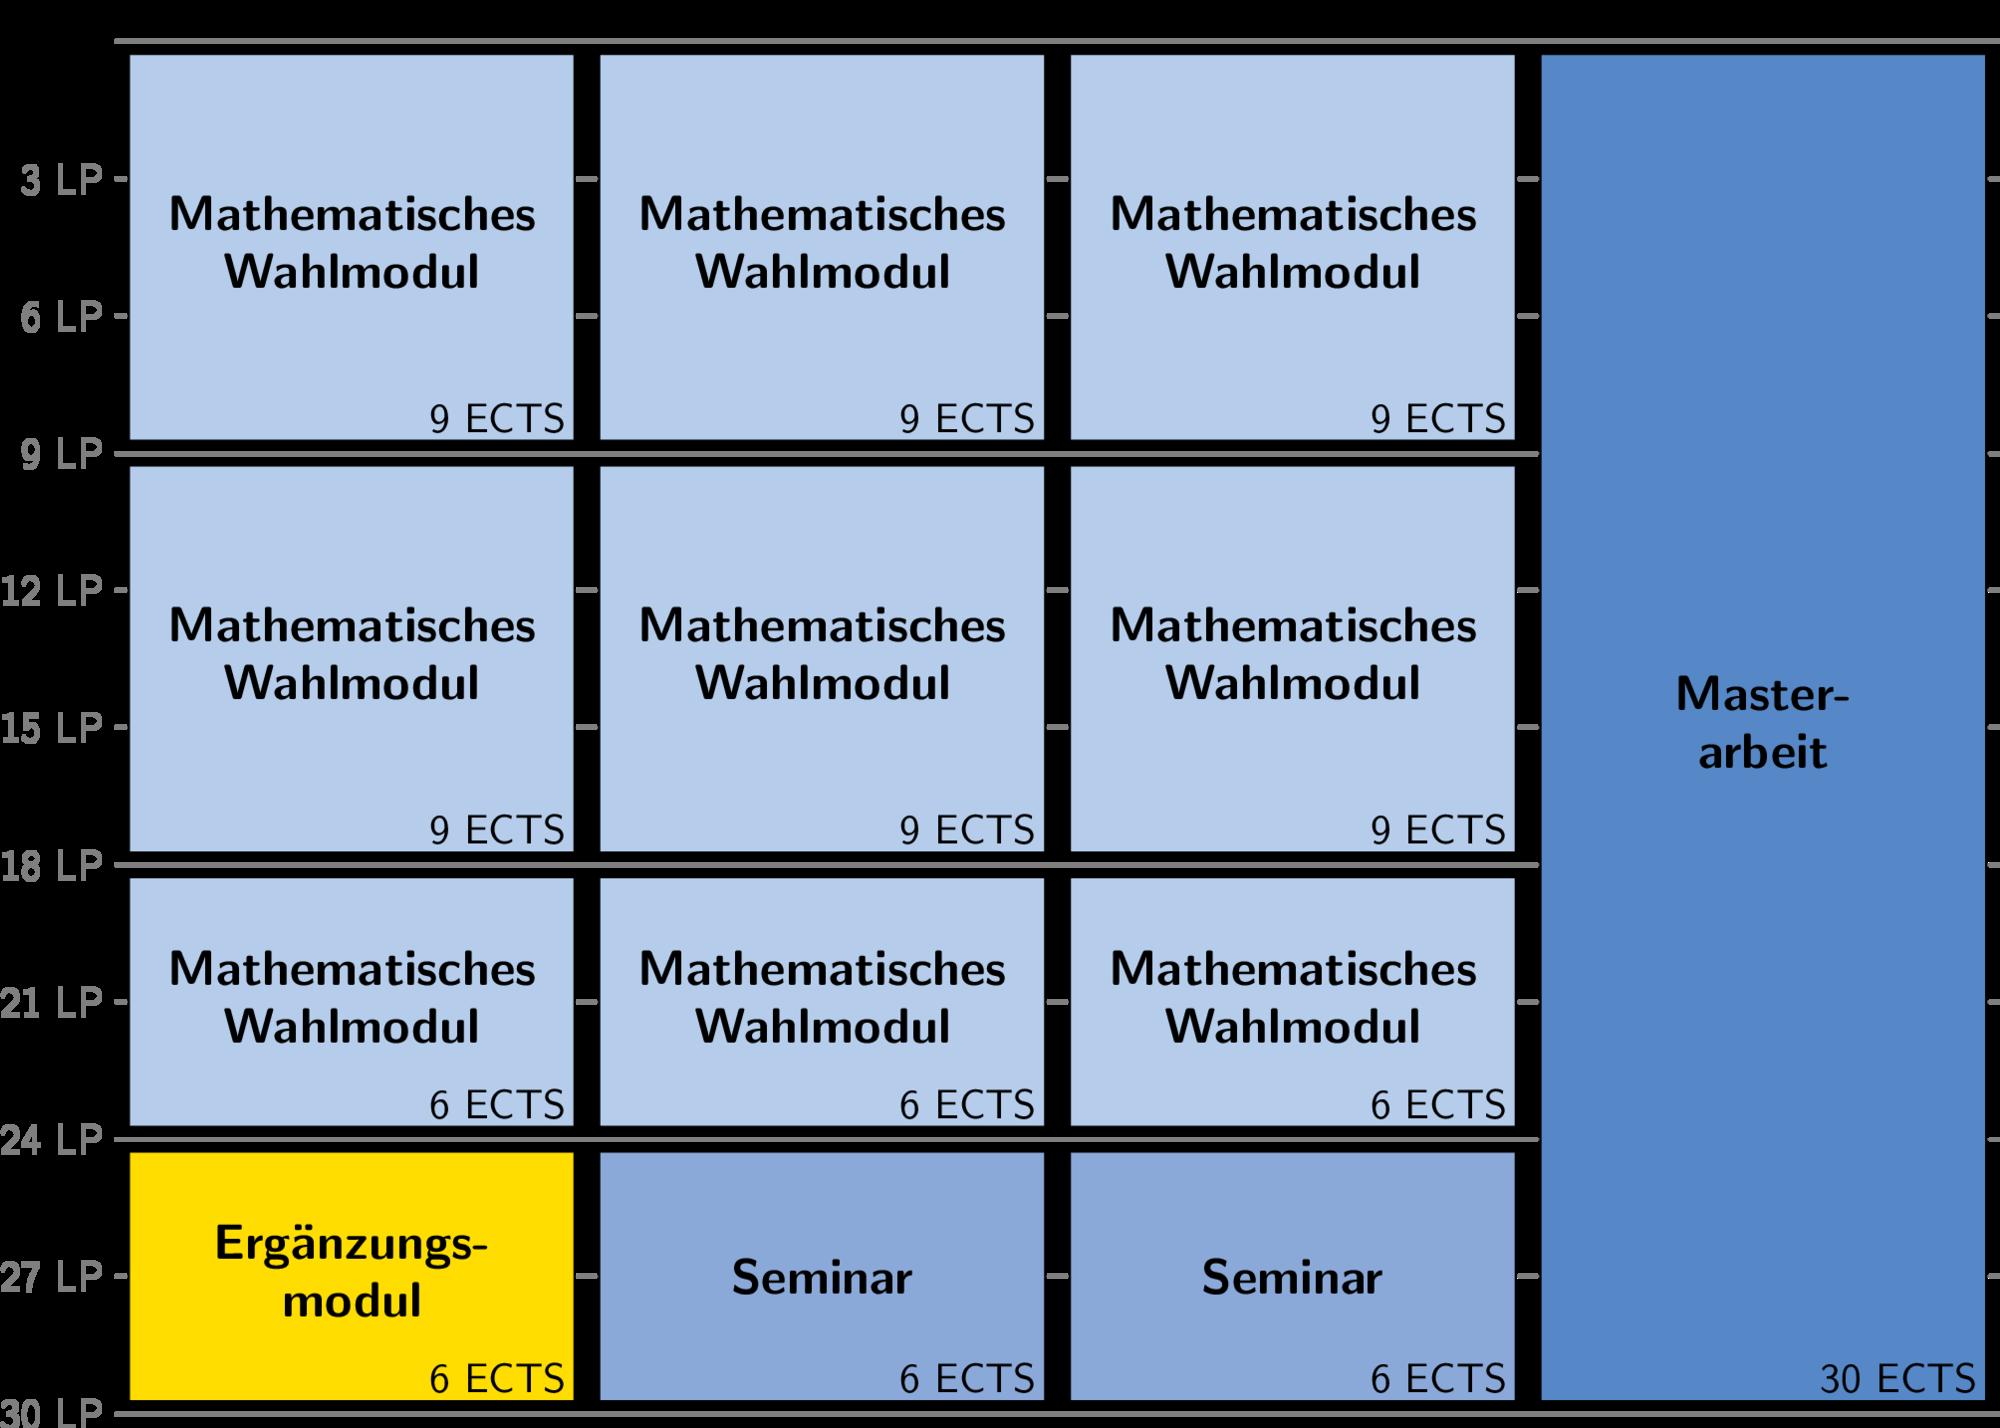 https://opencms.uni-stuttgart.de/fak8/fakultaet/studium/abbildungen/abbildungen_mathematik/Master2019_Variante2.png